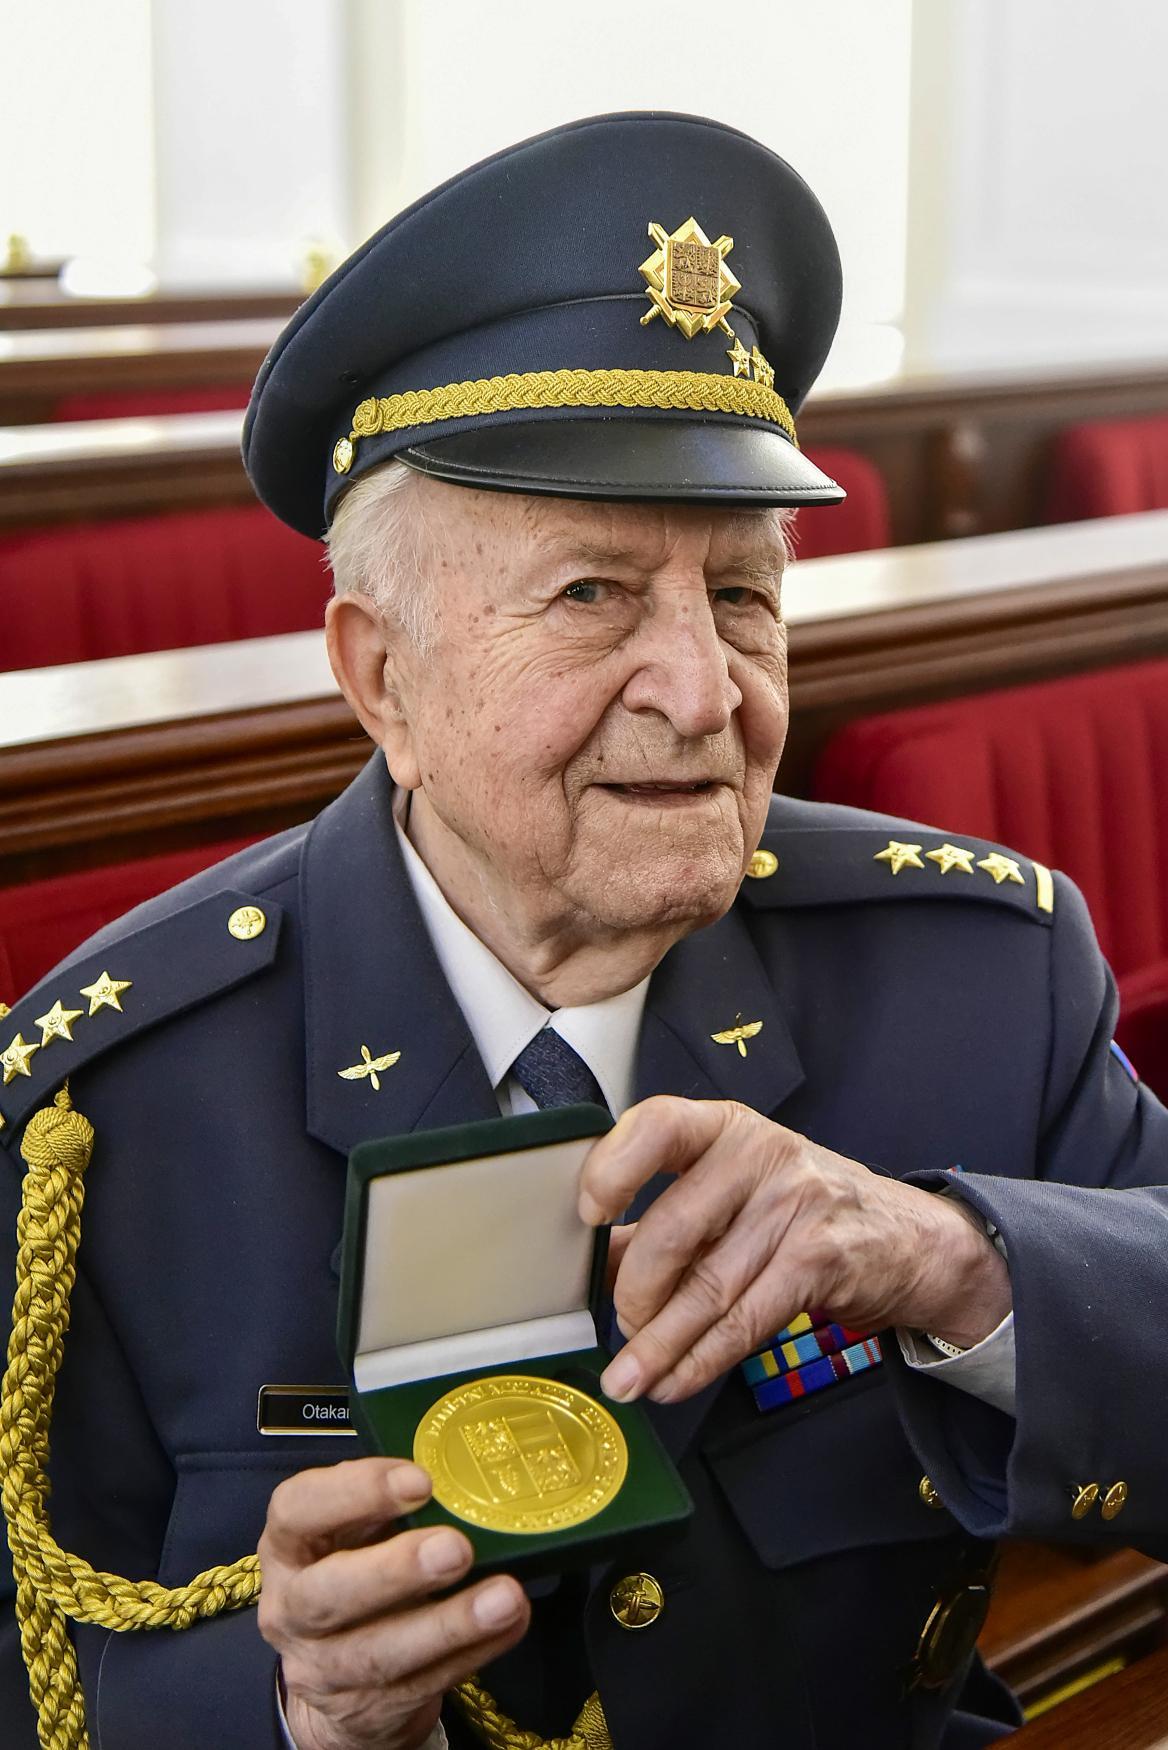 Otakar Pospíšil získal medaili za statečnost